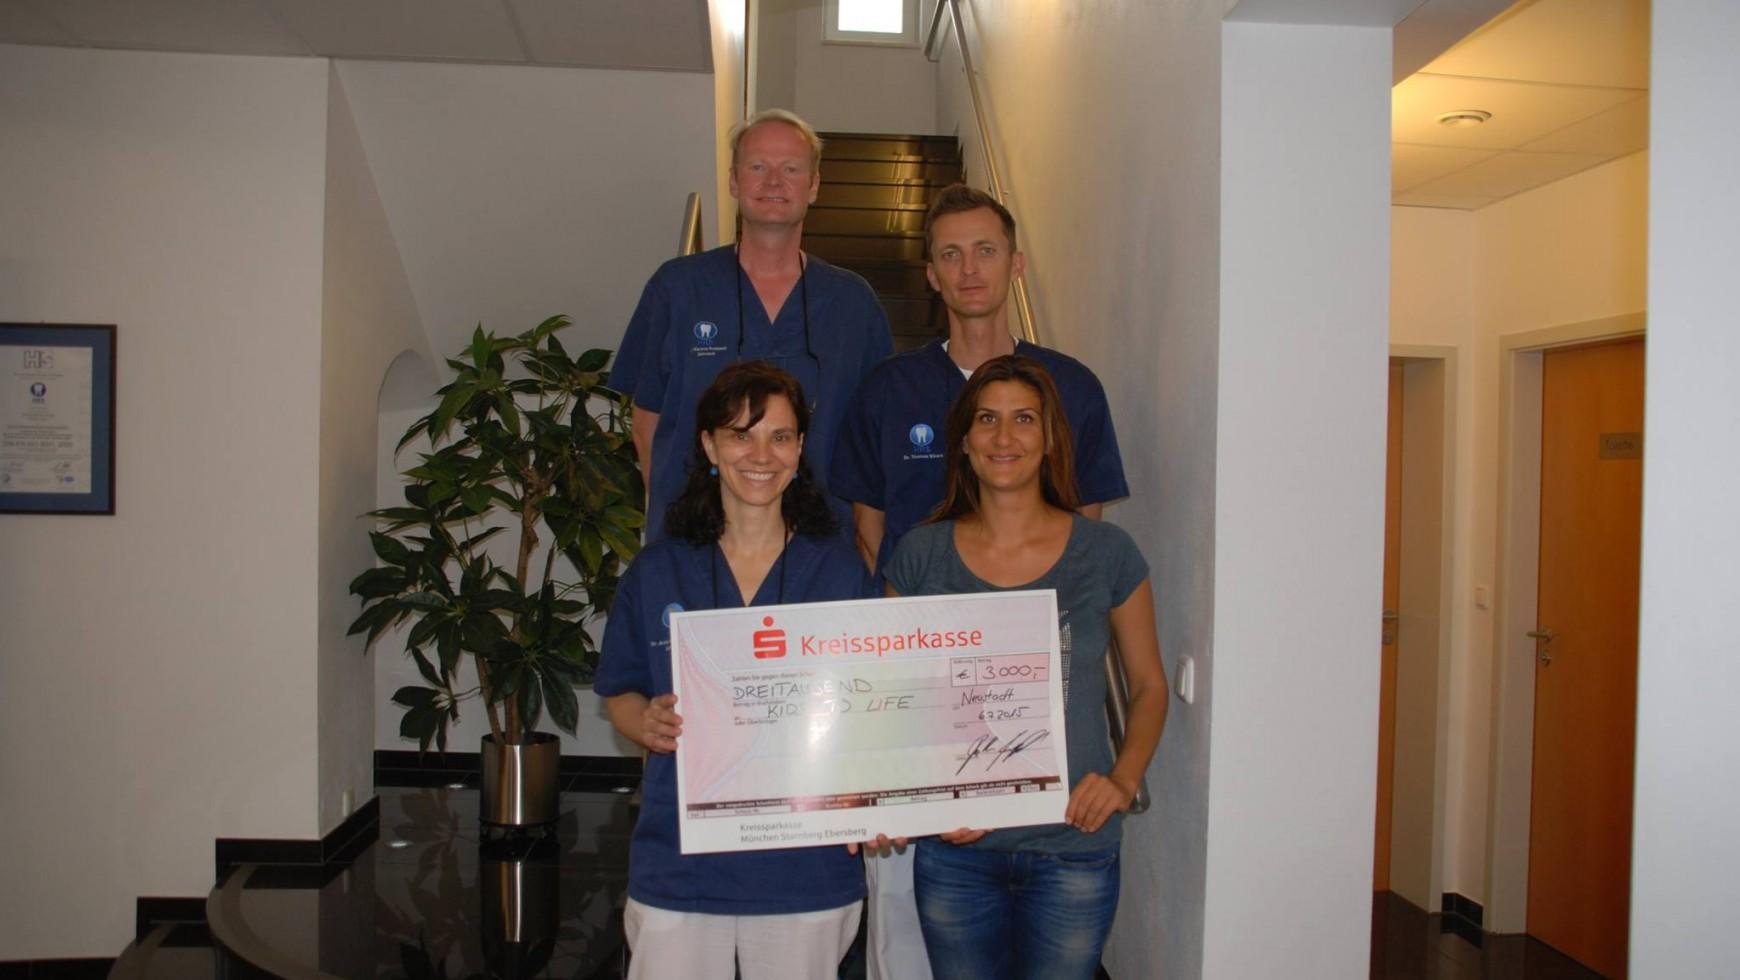 3.000,- Euro Spende für syrische Flüchtlingskinder